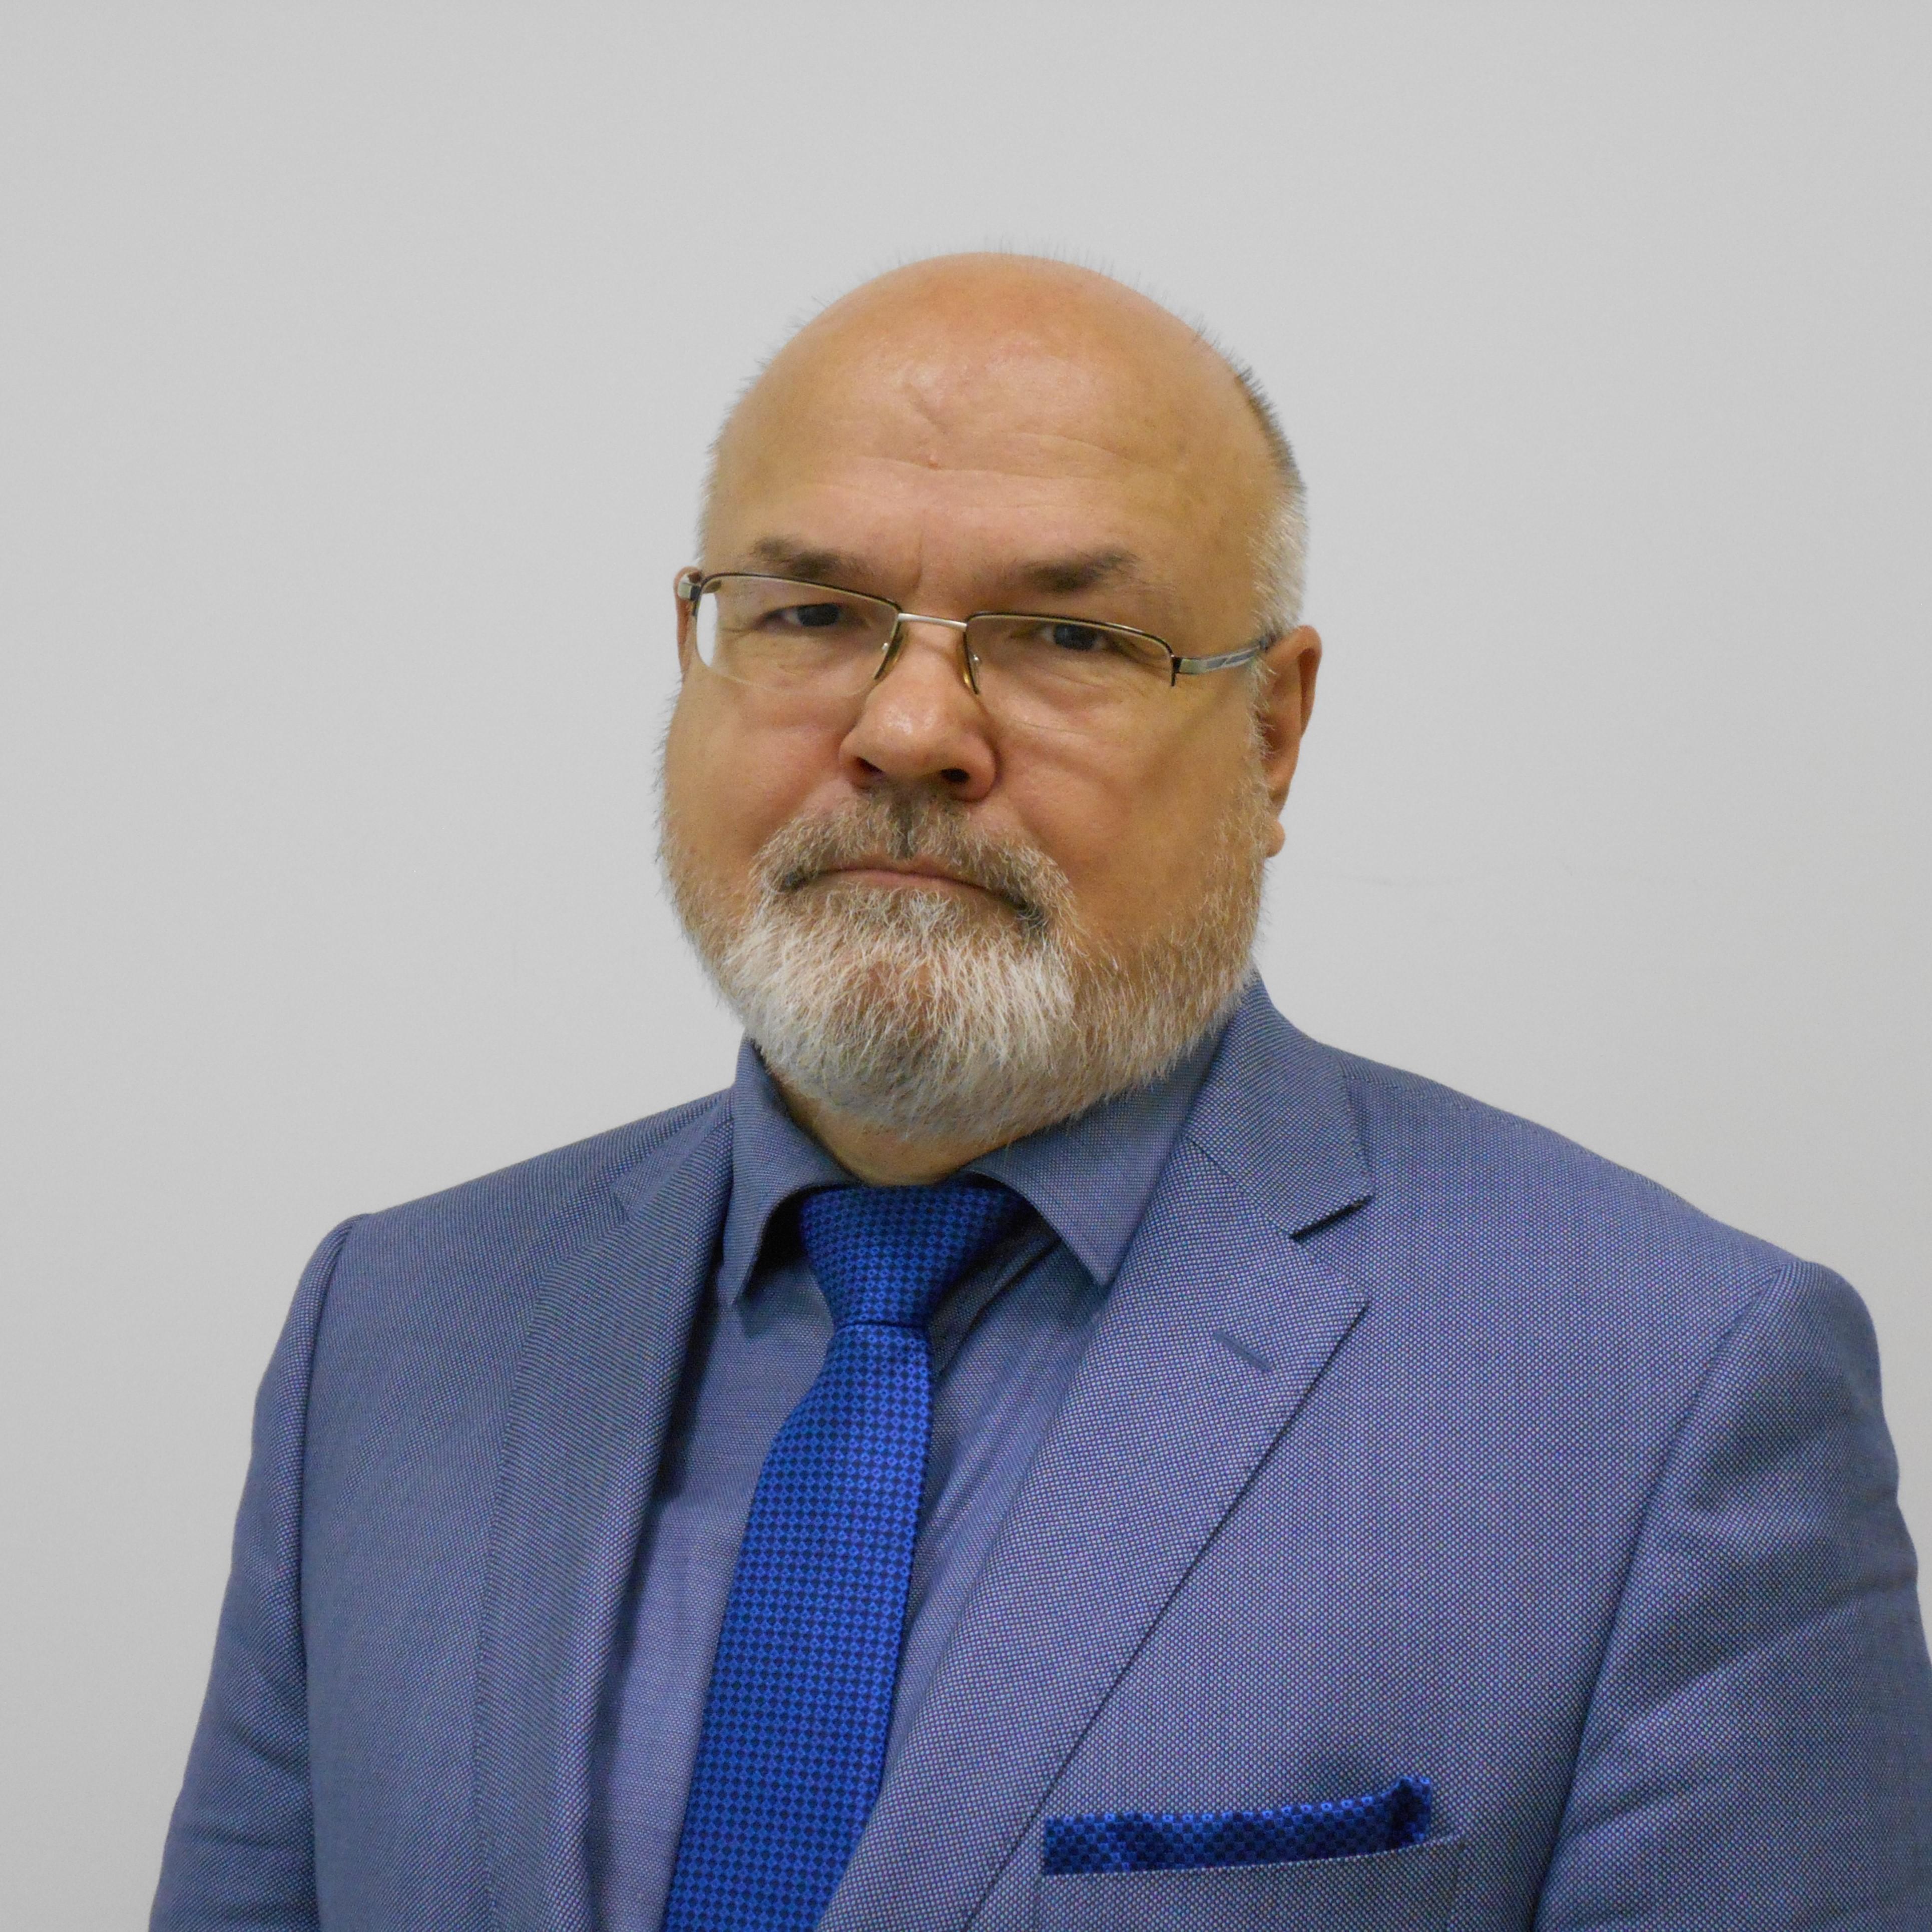 Воровщиков Сергей Георгиевич